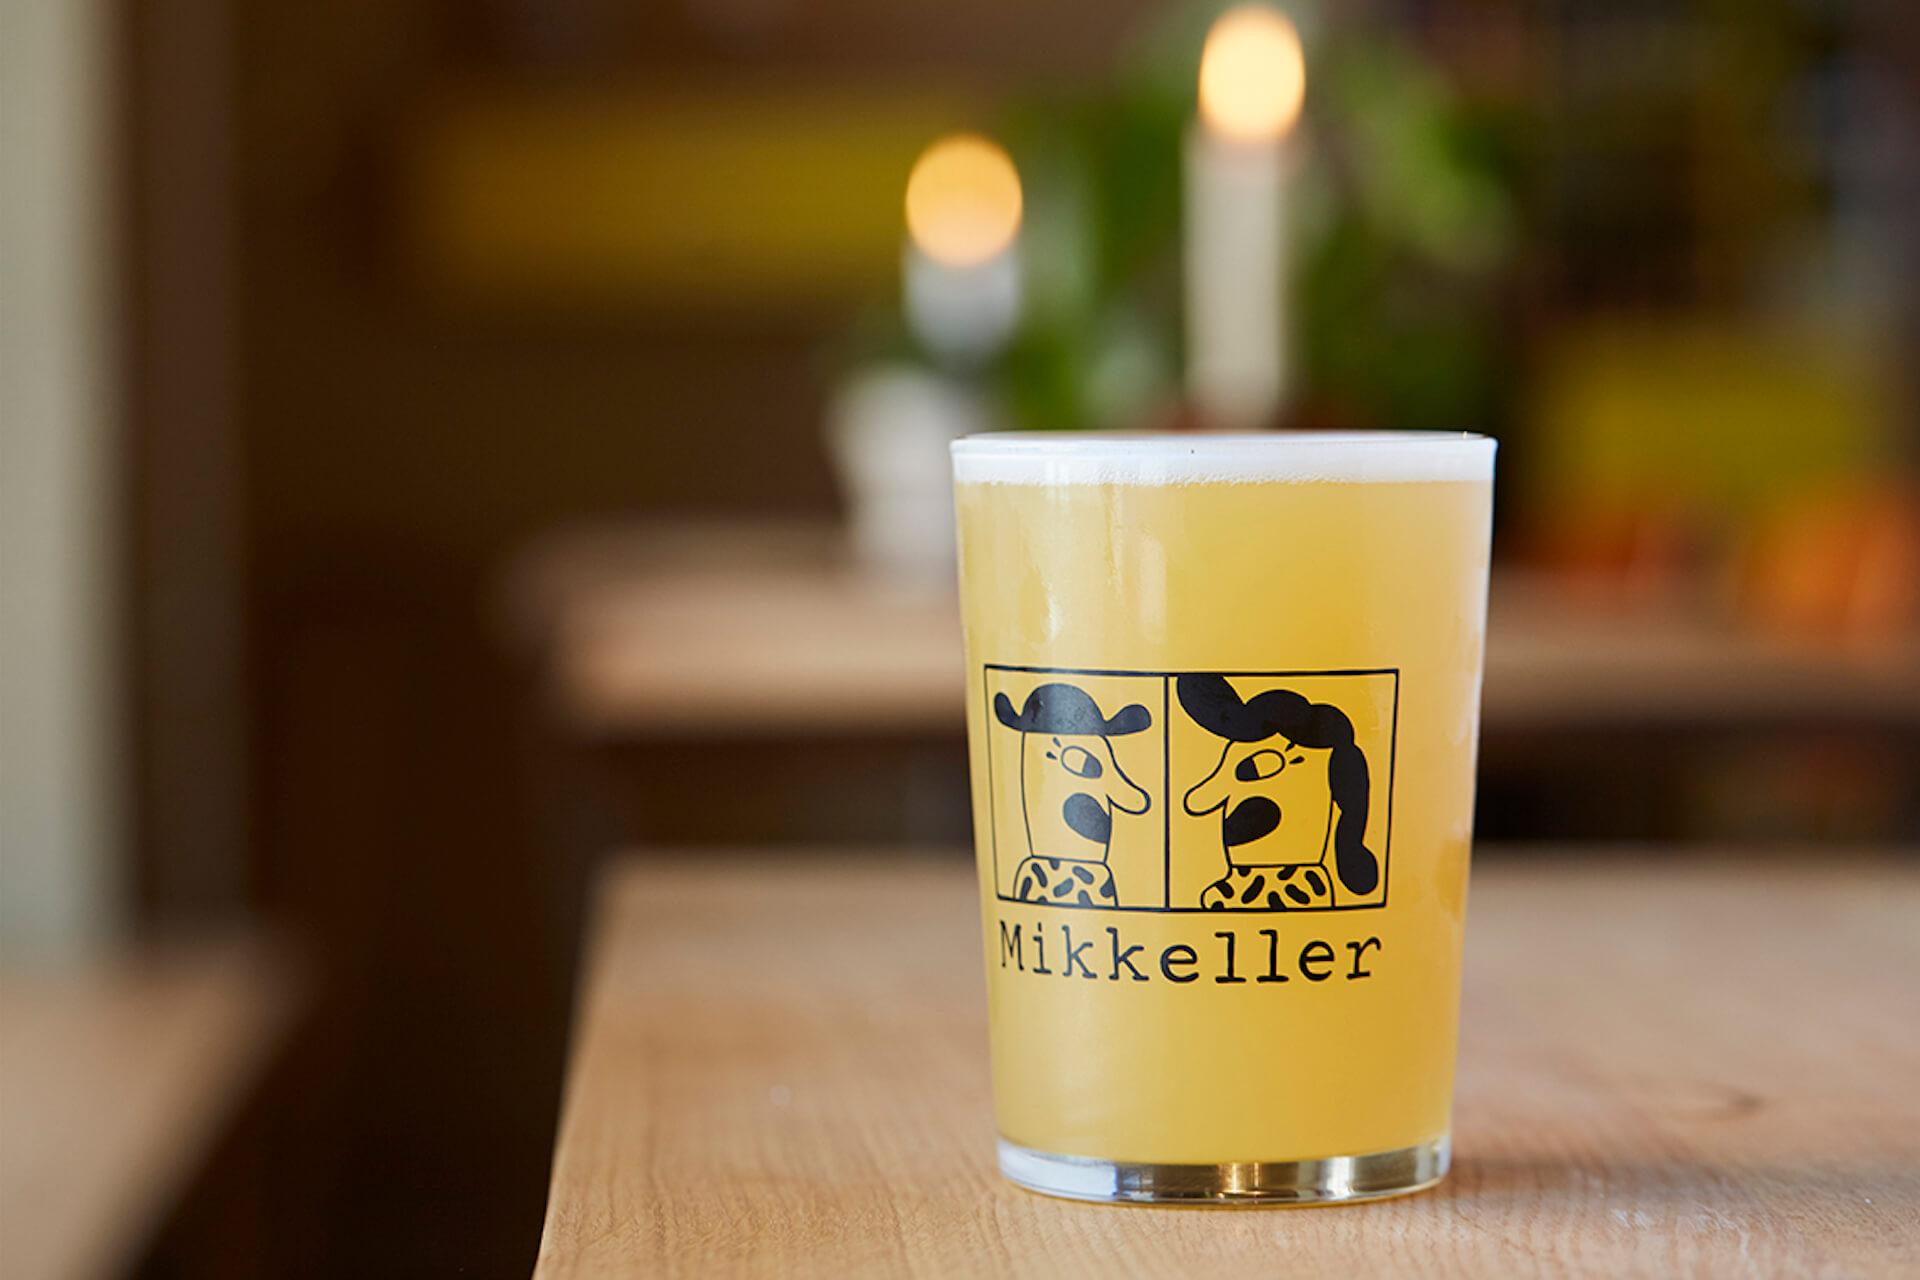 デンマーク生まれのクラフトビール「ミッケラー」が2021年8月より販売スタート!IPA、ペールエール、ラガーの3種がラインナップ gourmet210615_mikkeller_6